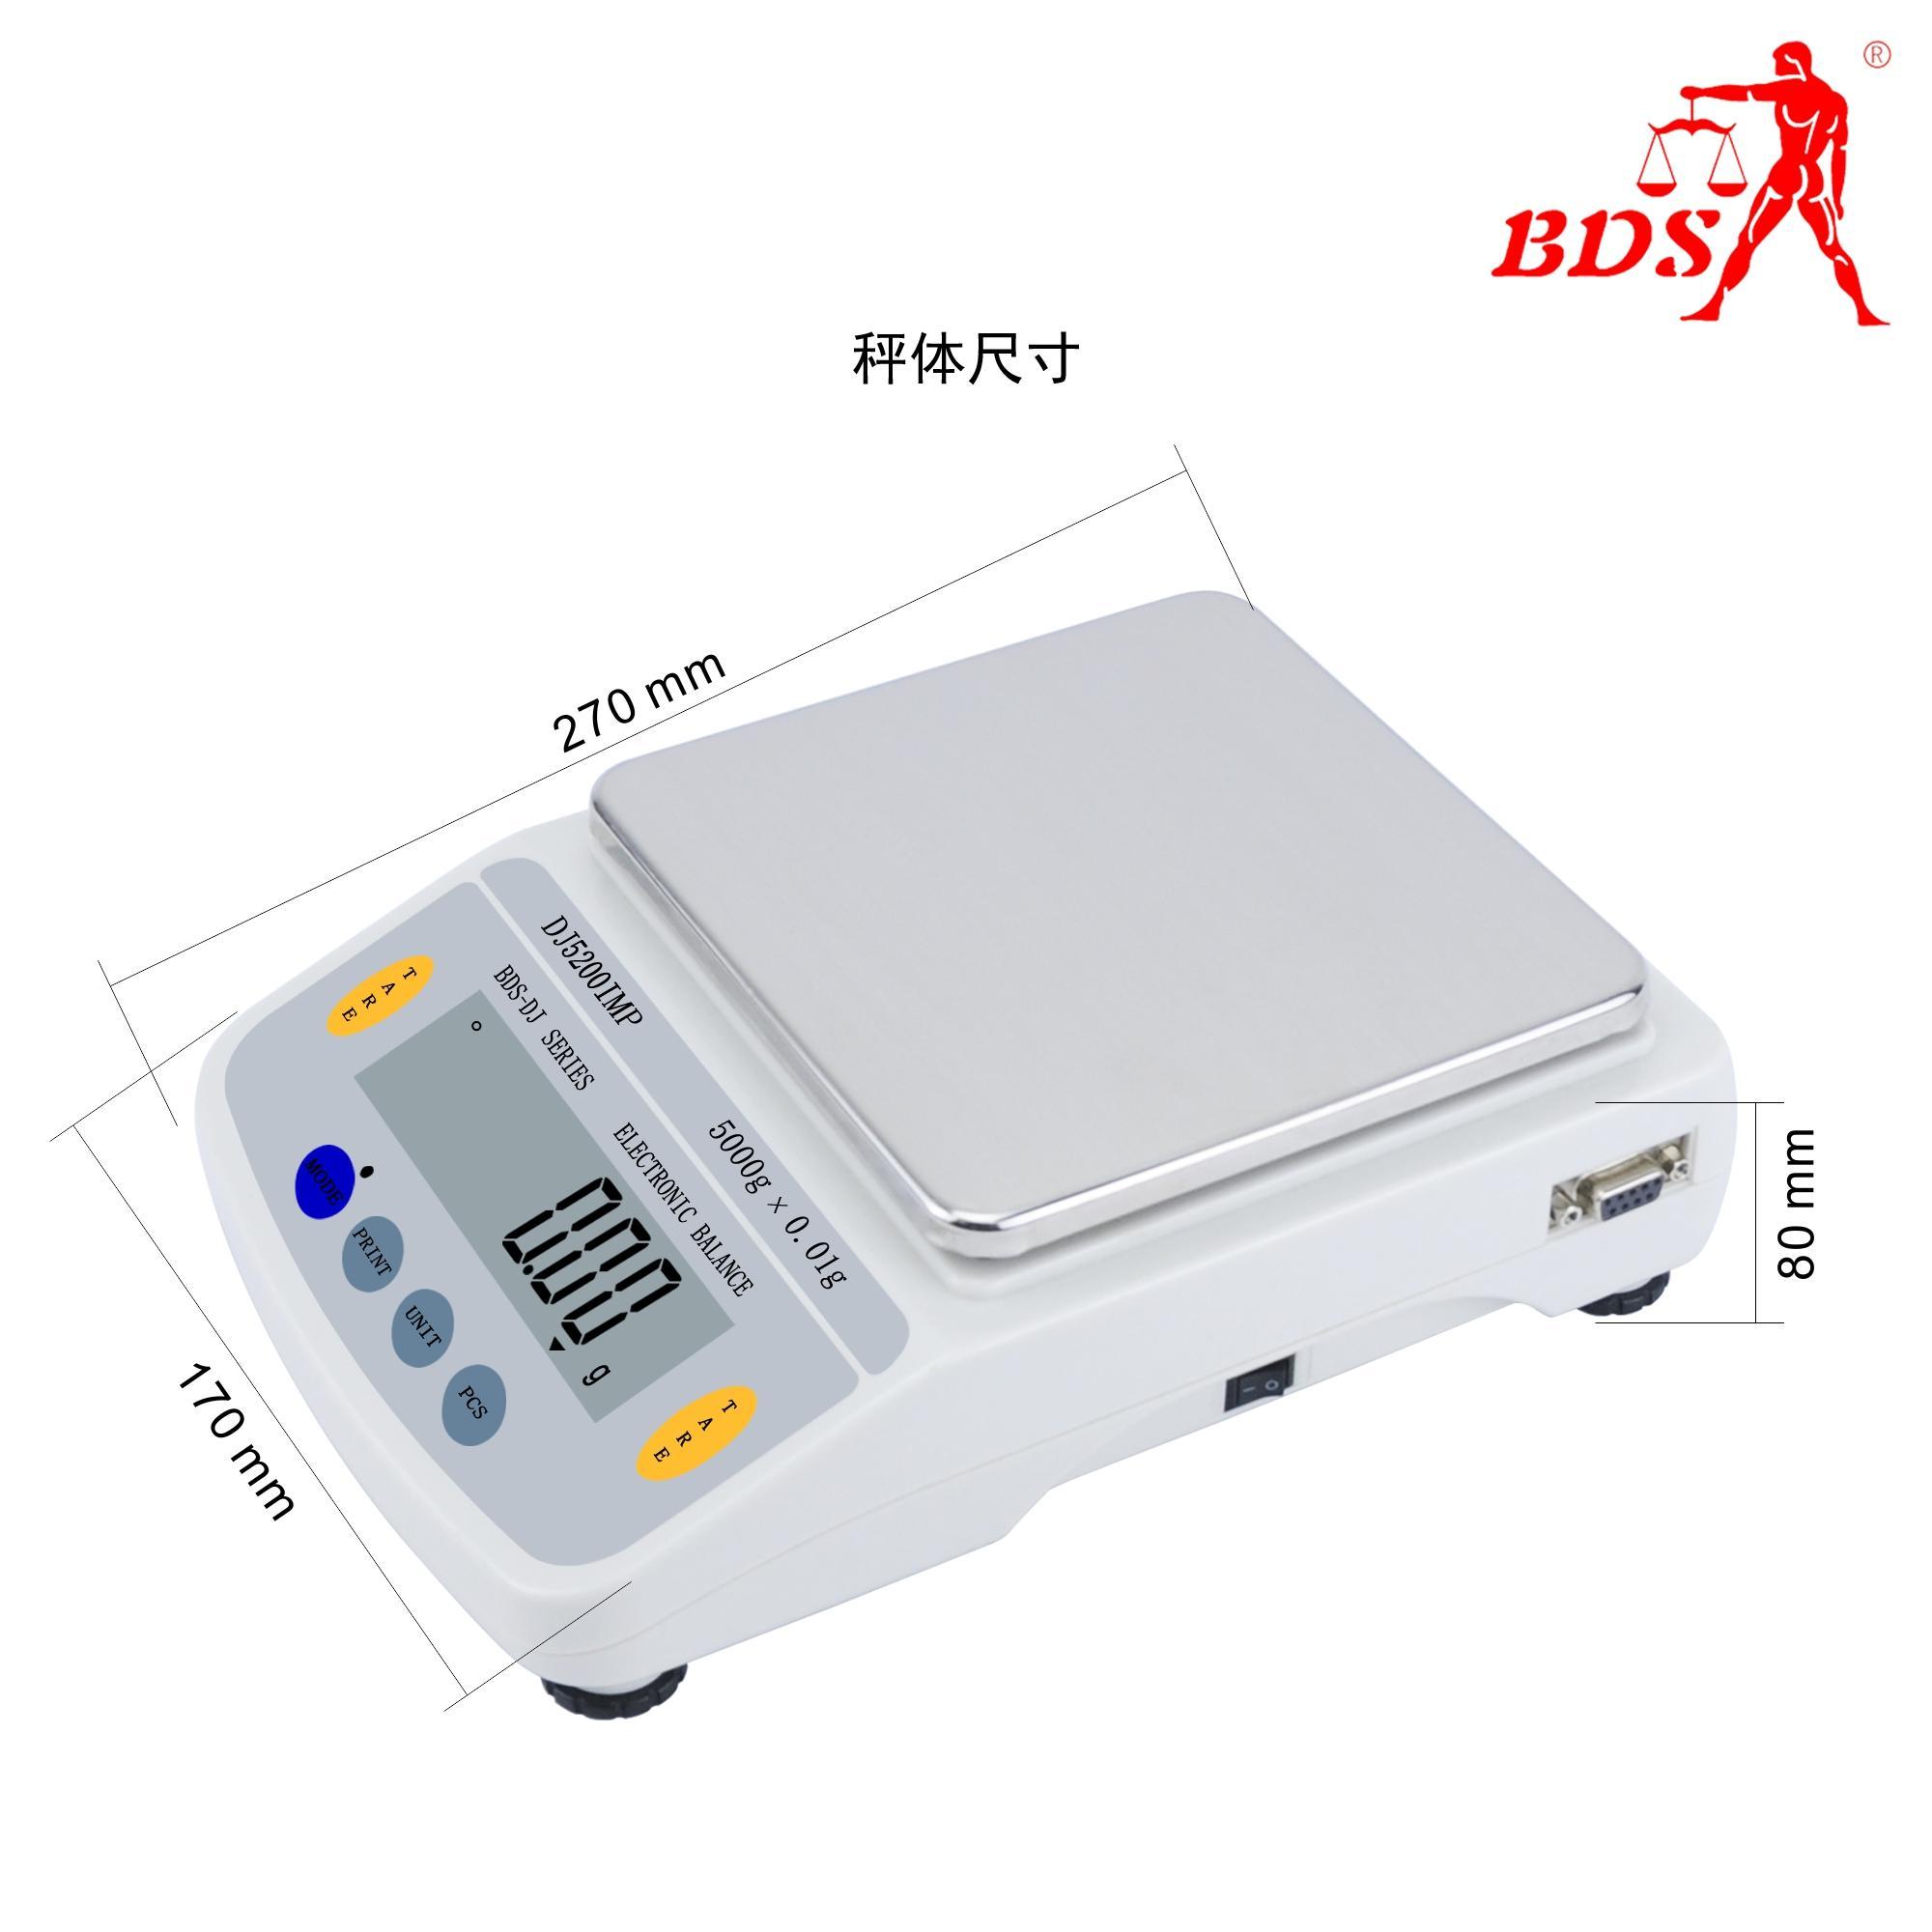 深圳北斗星衡器精密電子天平秤電子台秤生產廠家 2